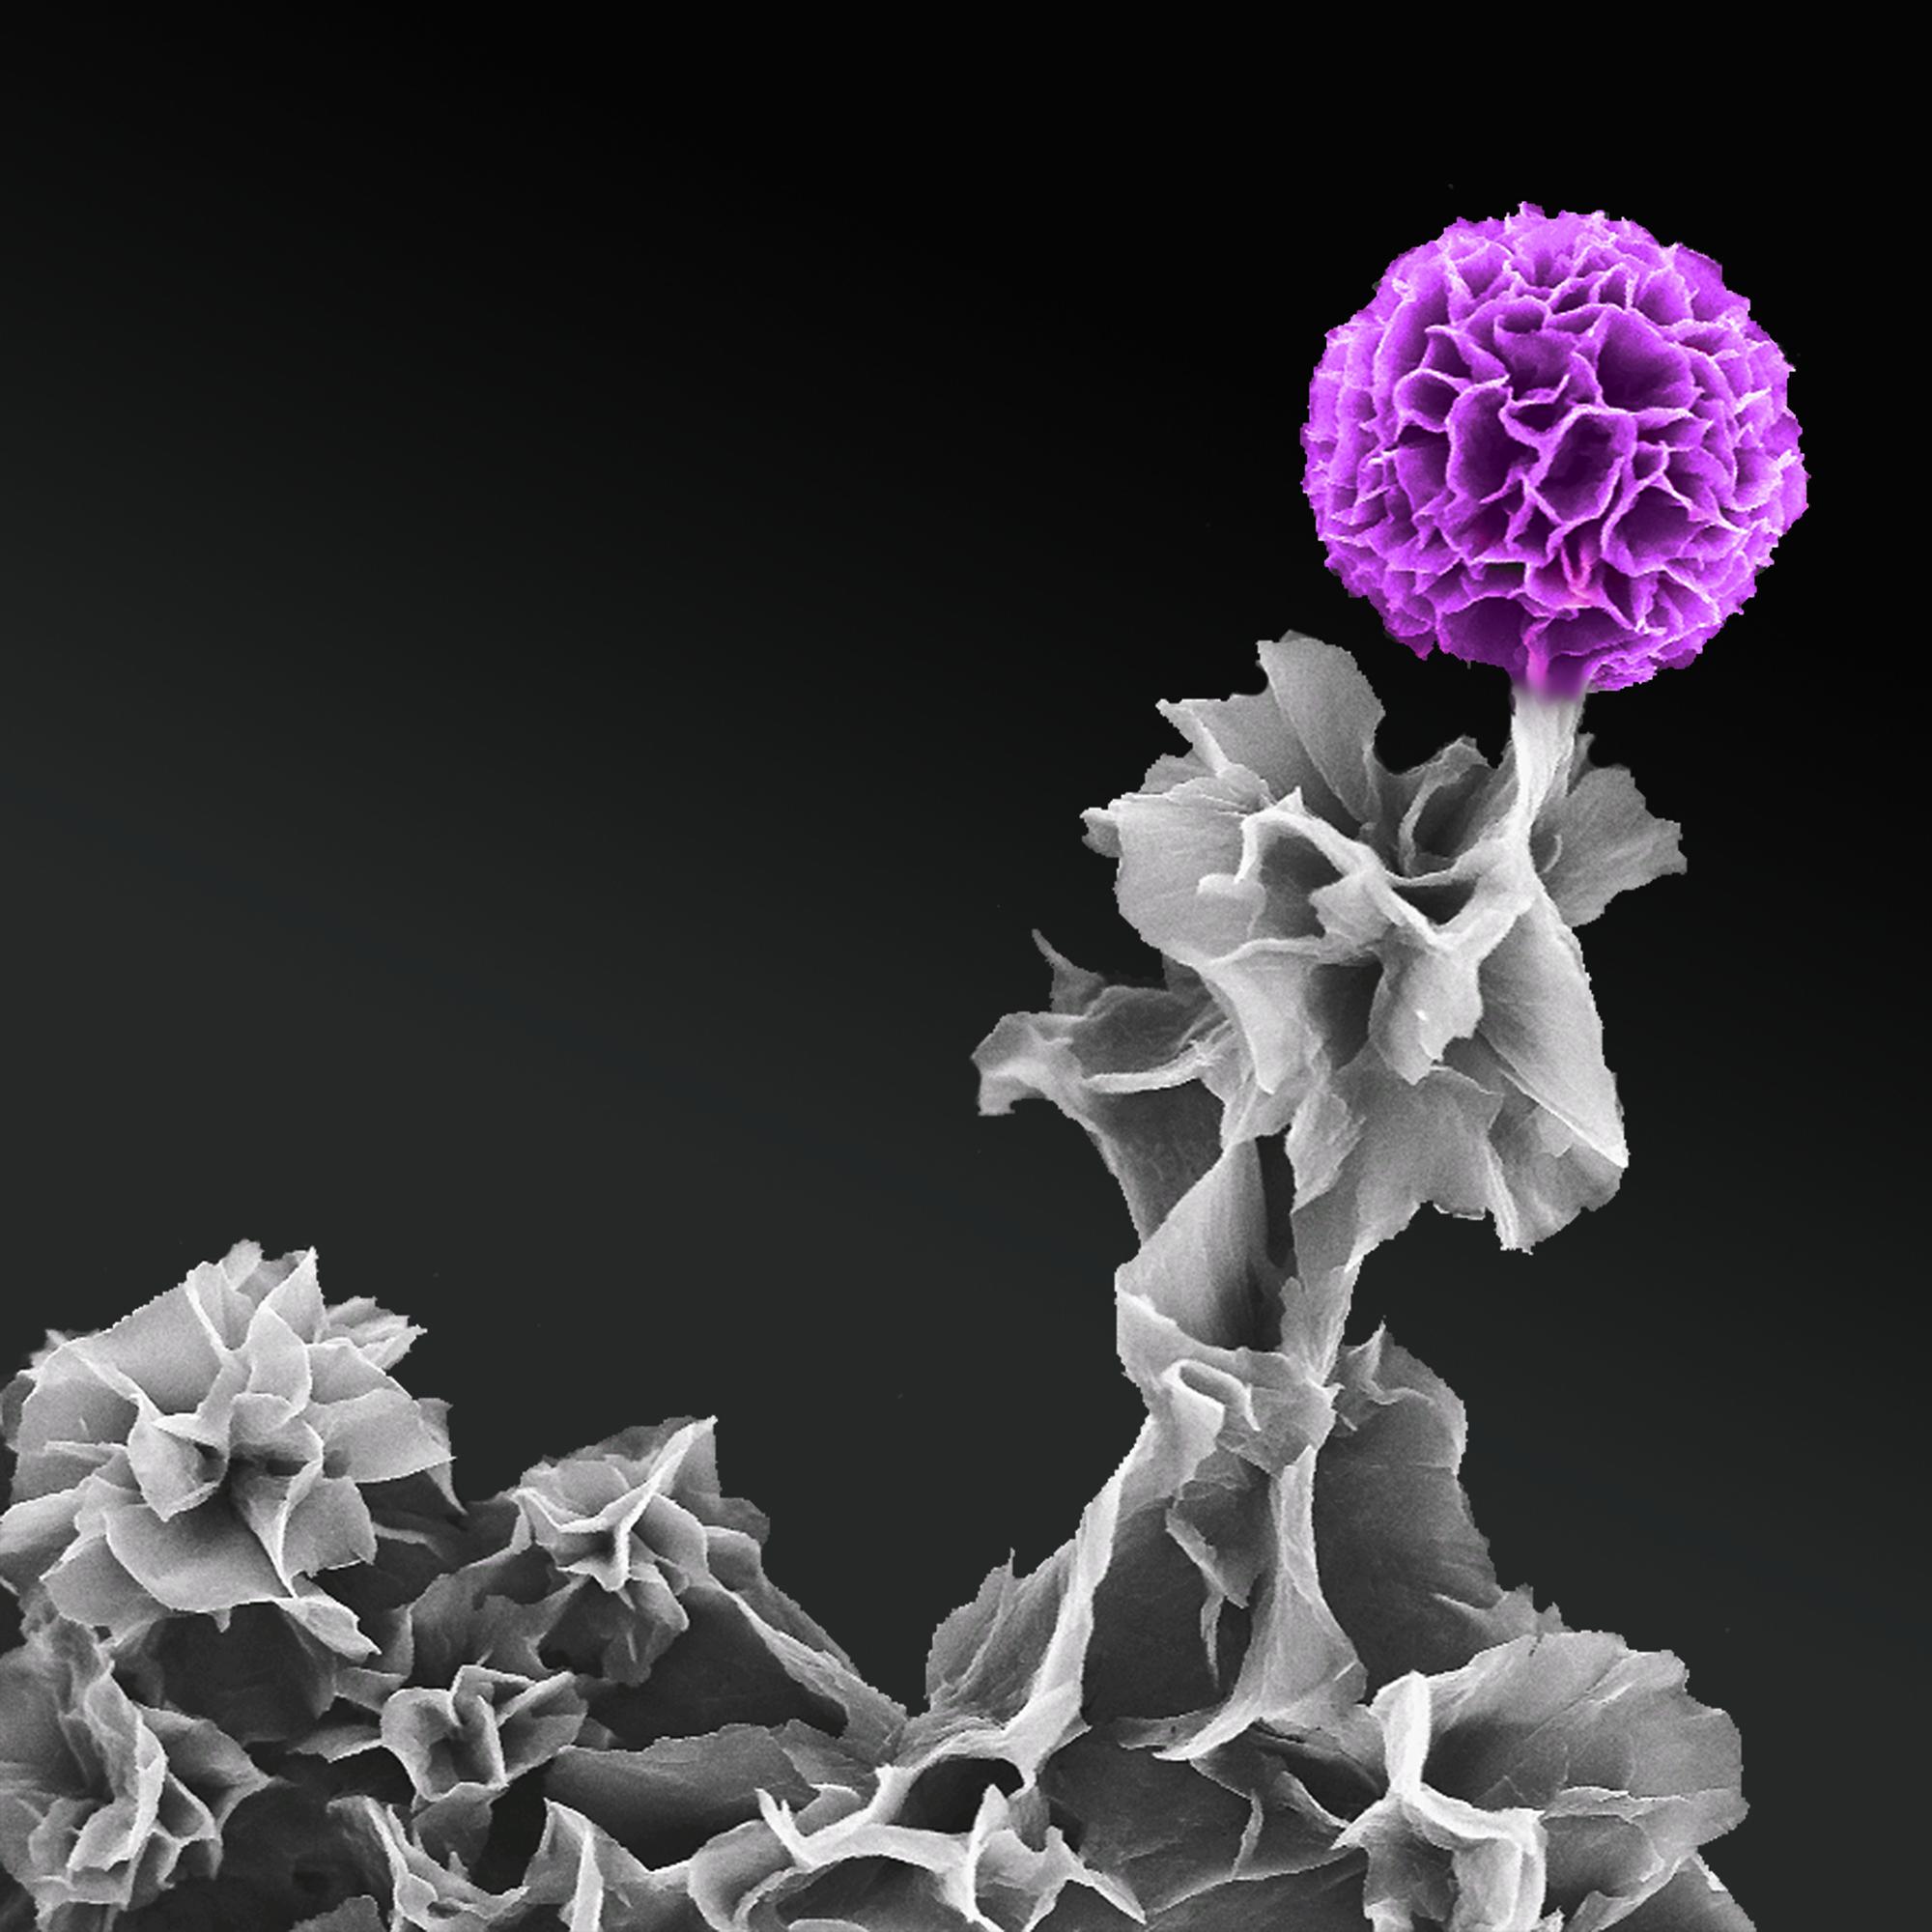 1. Tetraaniline in full bloom